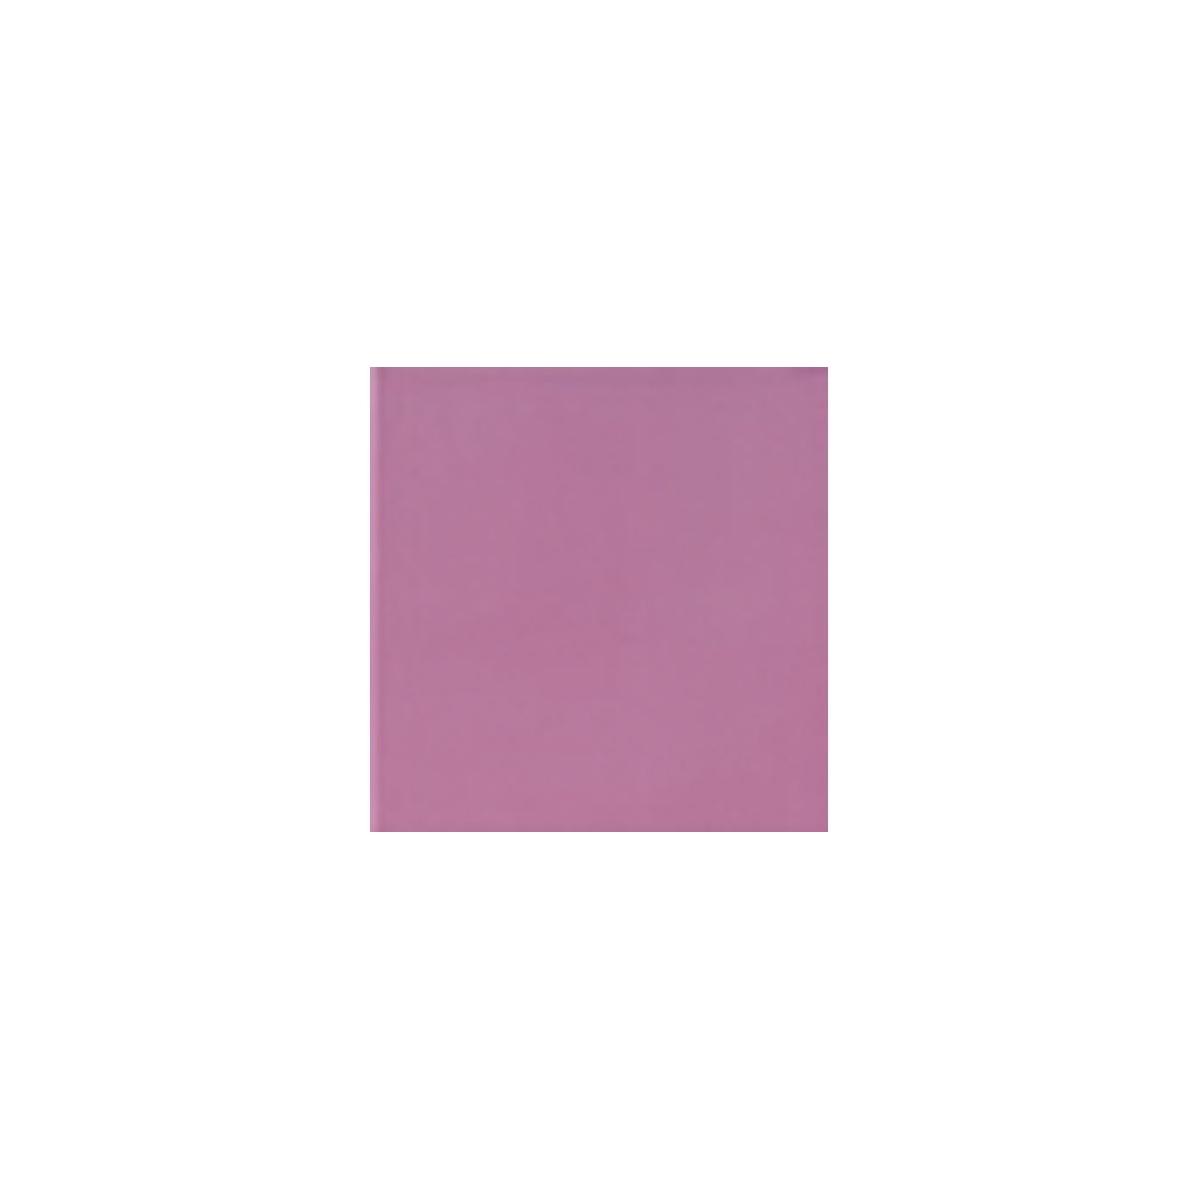 Color Violeta Brillo - Colección Colores Brillo - Marca Mainzu